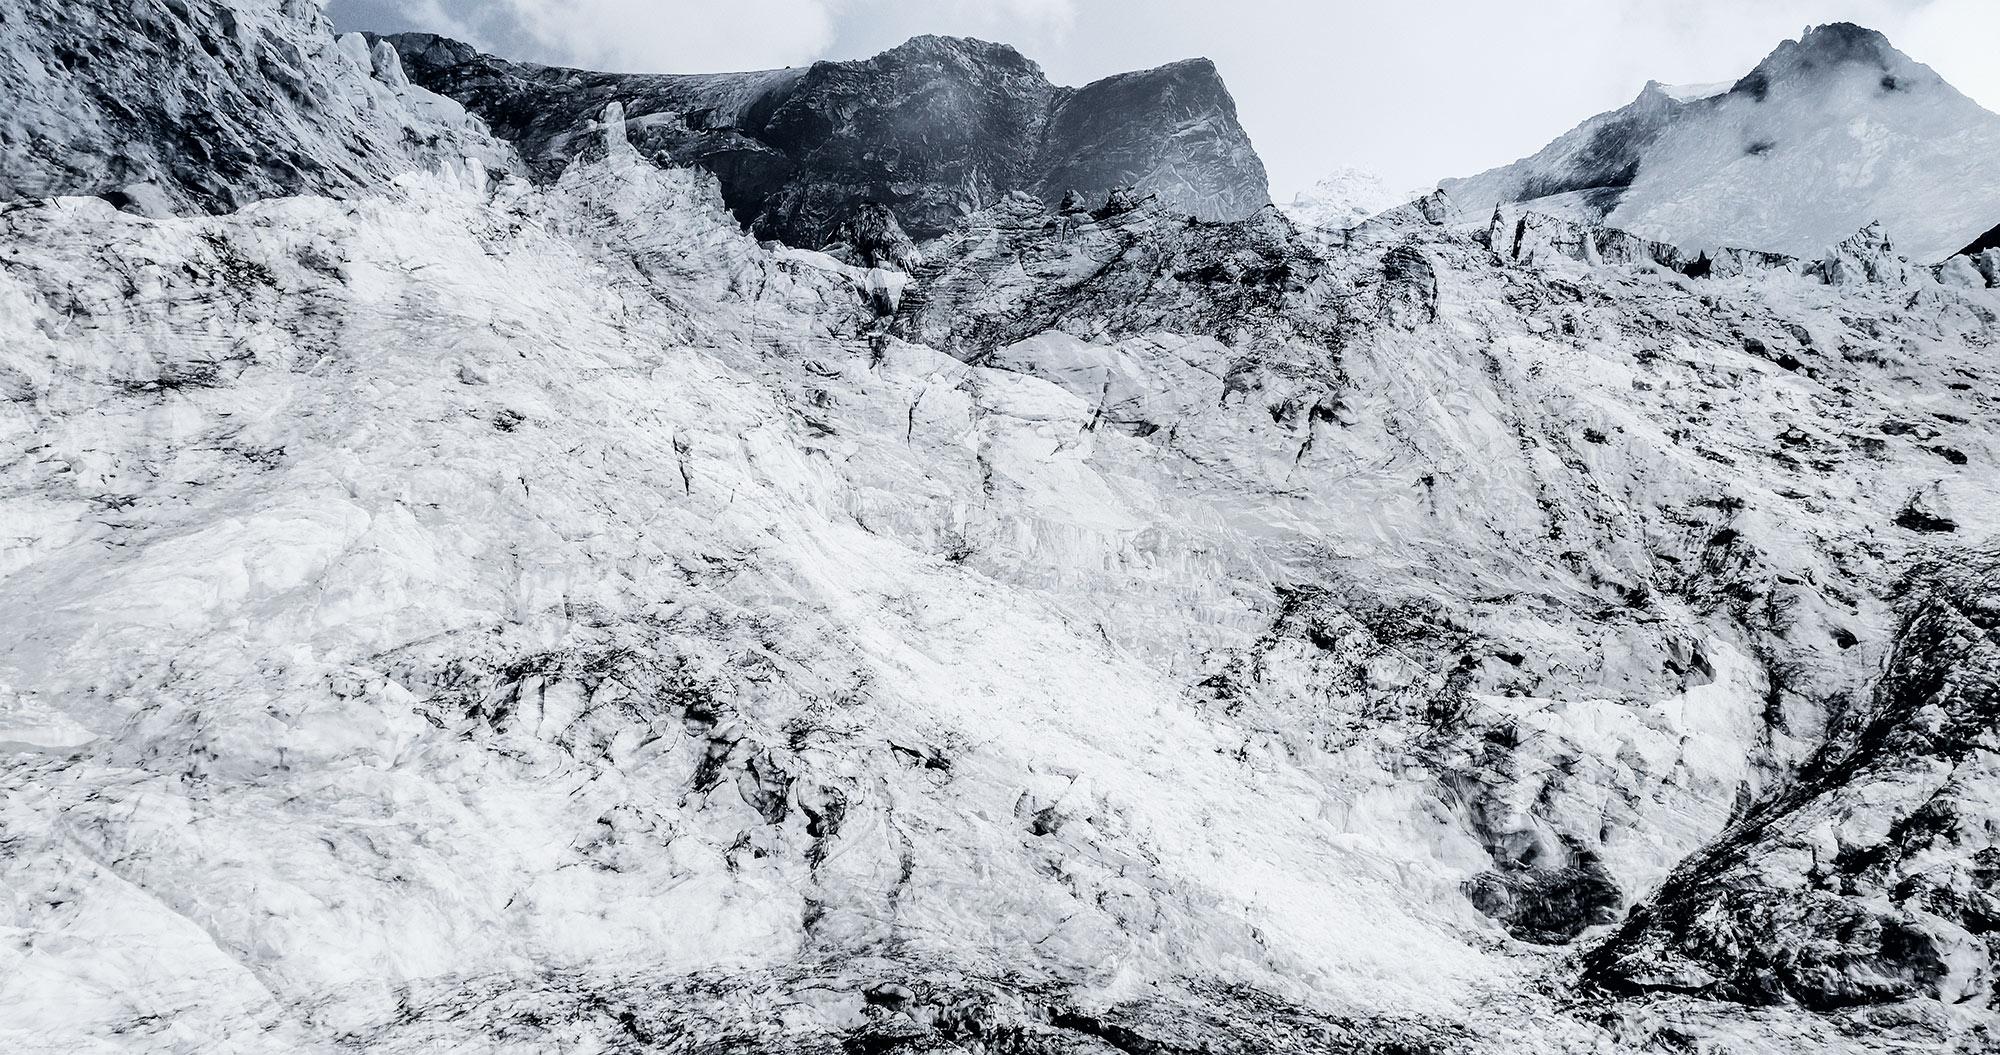 #87 Glaciers offset, 2017, photographie reconstruite à partir de bandes videos, réalisées sur le glacier de Moiry  #87 Glaciers offset, 2017, photographie reconstruite à partir de bandes videos, réalisées sur le glacier de Moiry